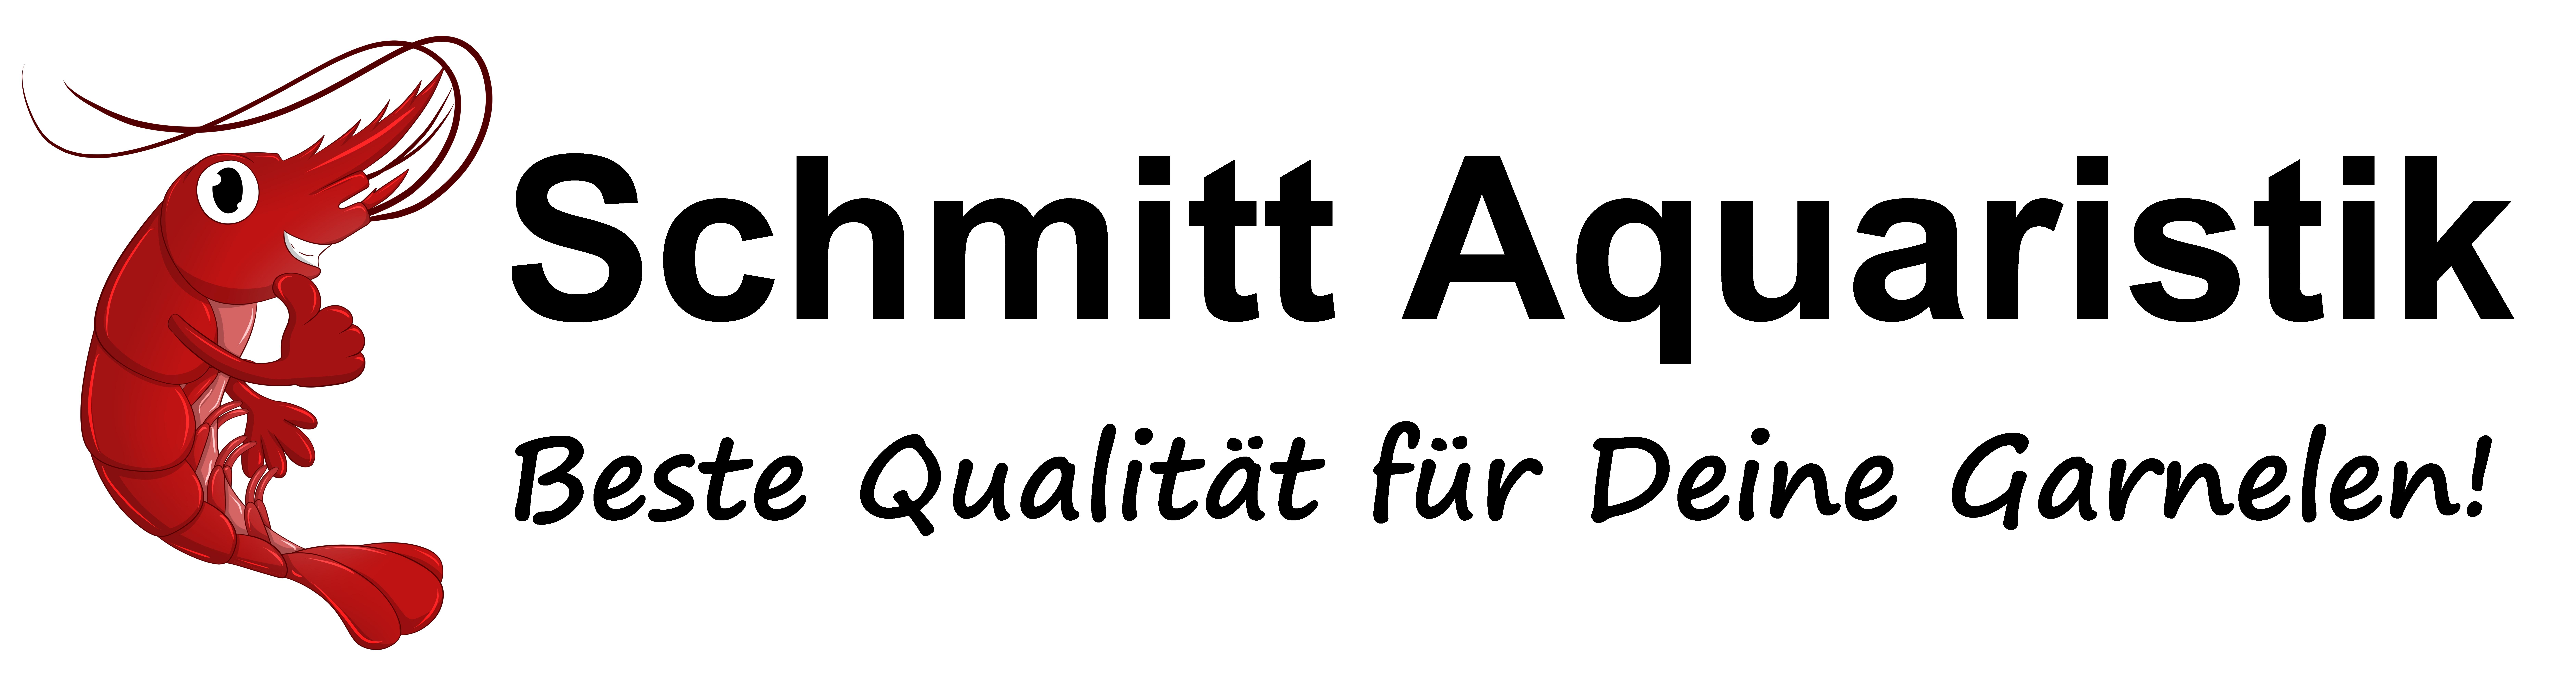 Schmitt Aquaristik - Beste Qualität für Deine Garnelen - Shrimp Lollies und mehr!-Logo